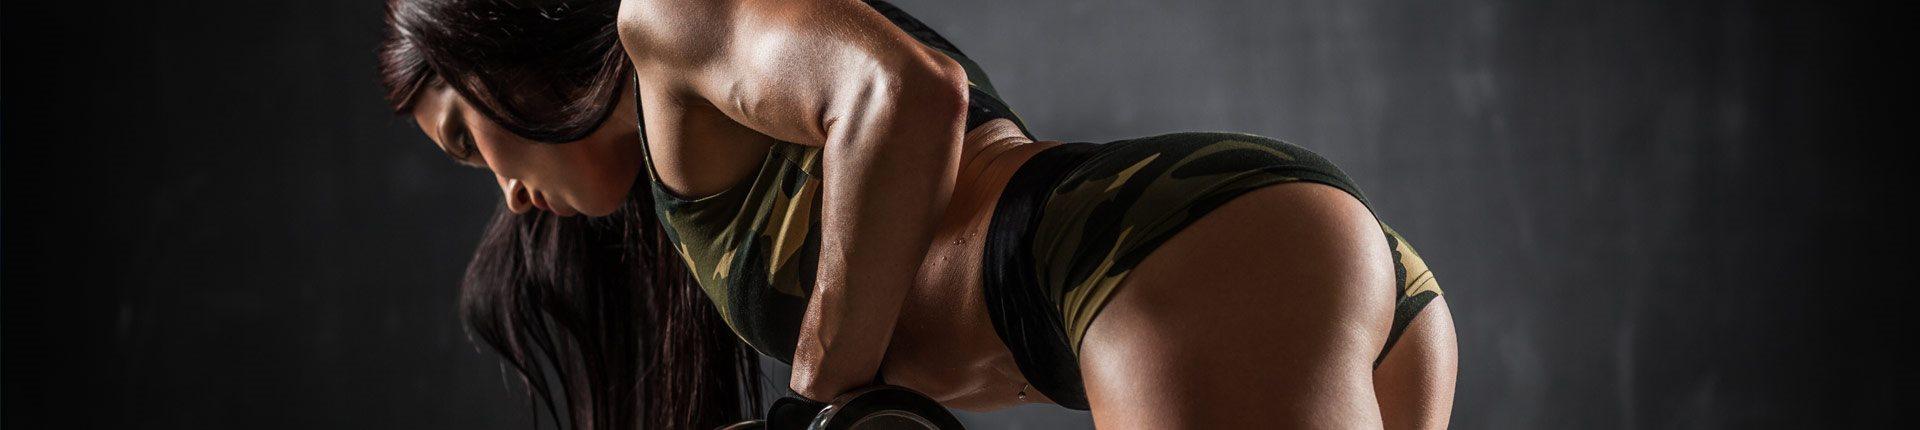 Spalacze tłuszczu ranking - najlepszy spalacz tłuszczu